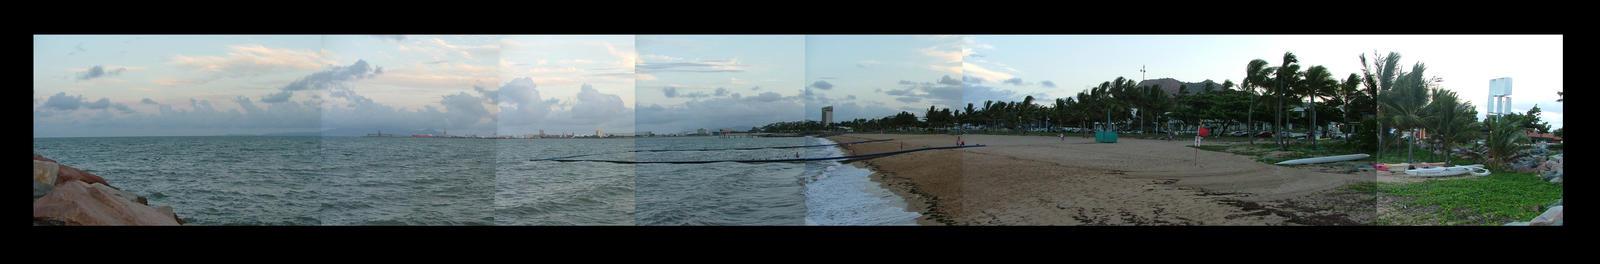 Townsville Coastline